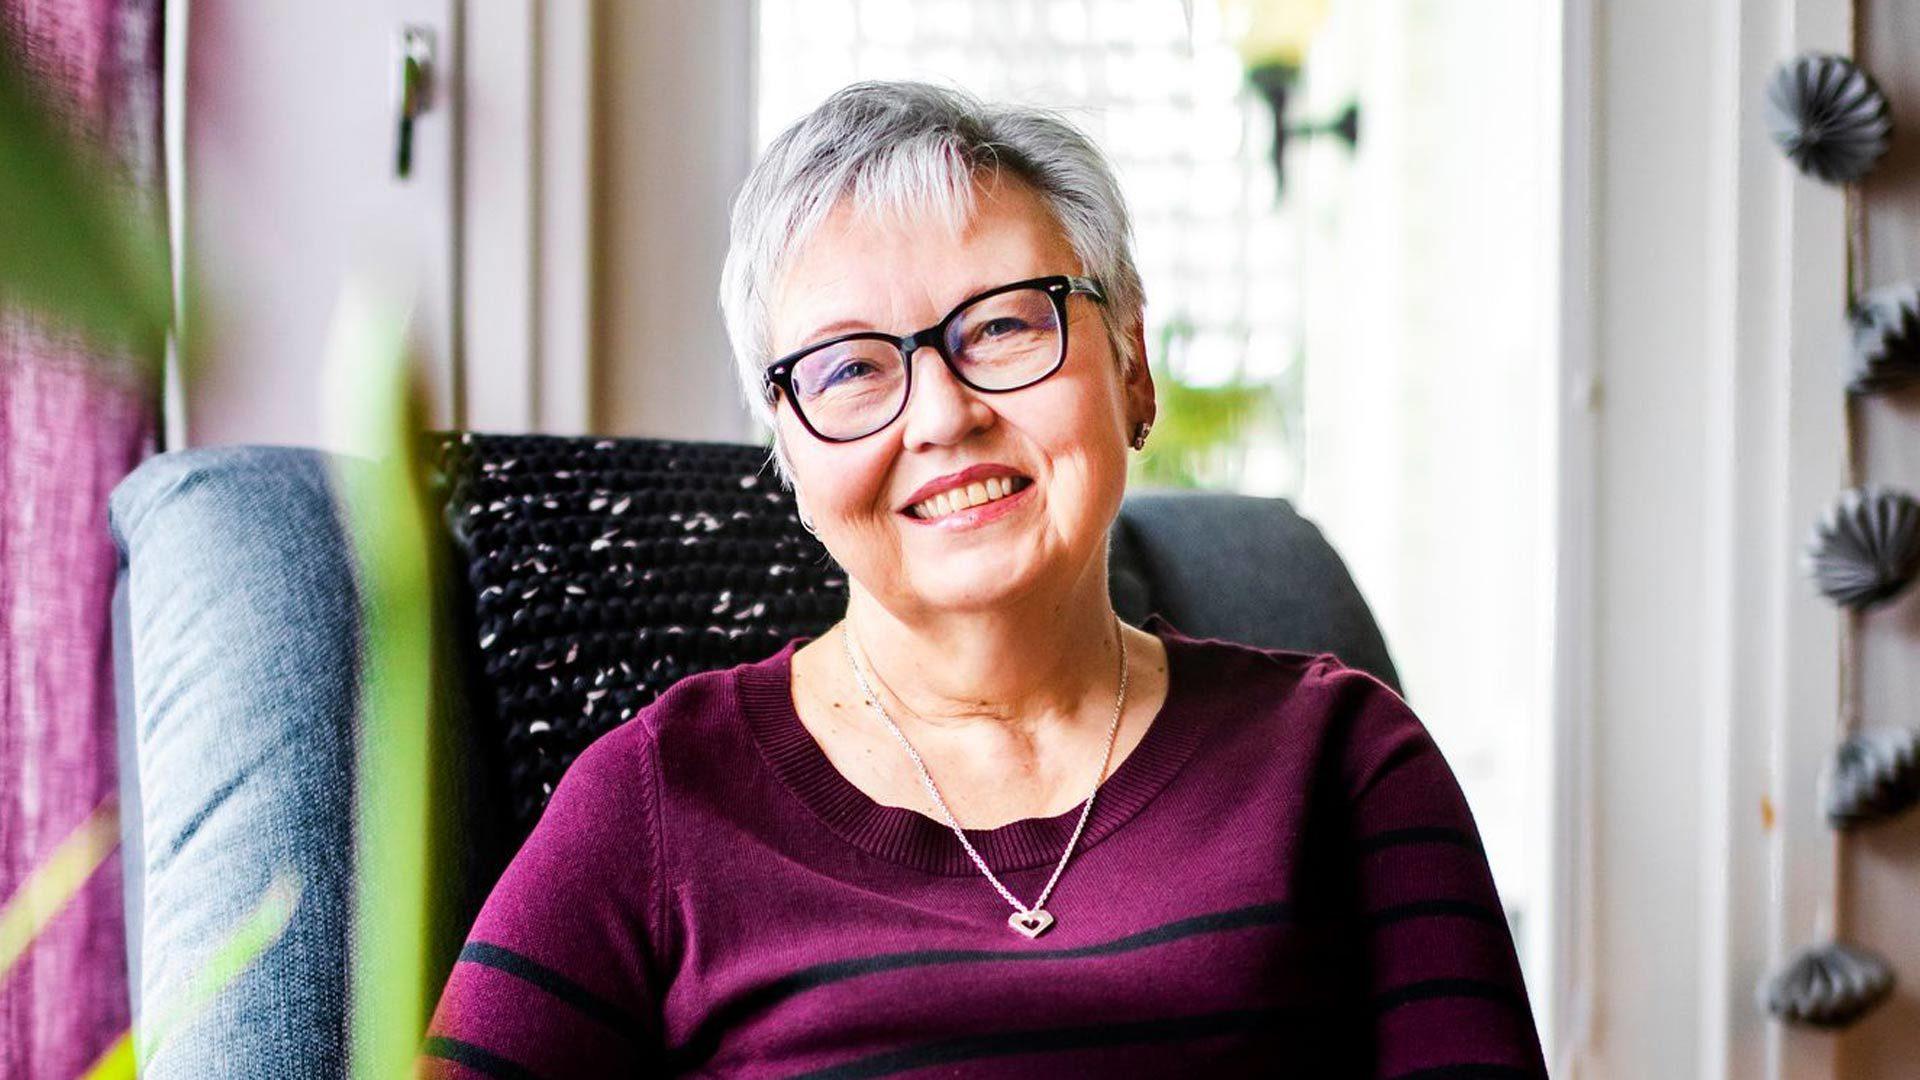 Kaija Hautalan muistivaikeudet Alzheimerin taudin oireita.